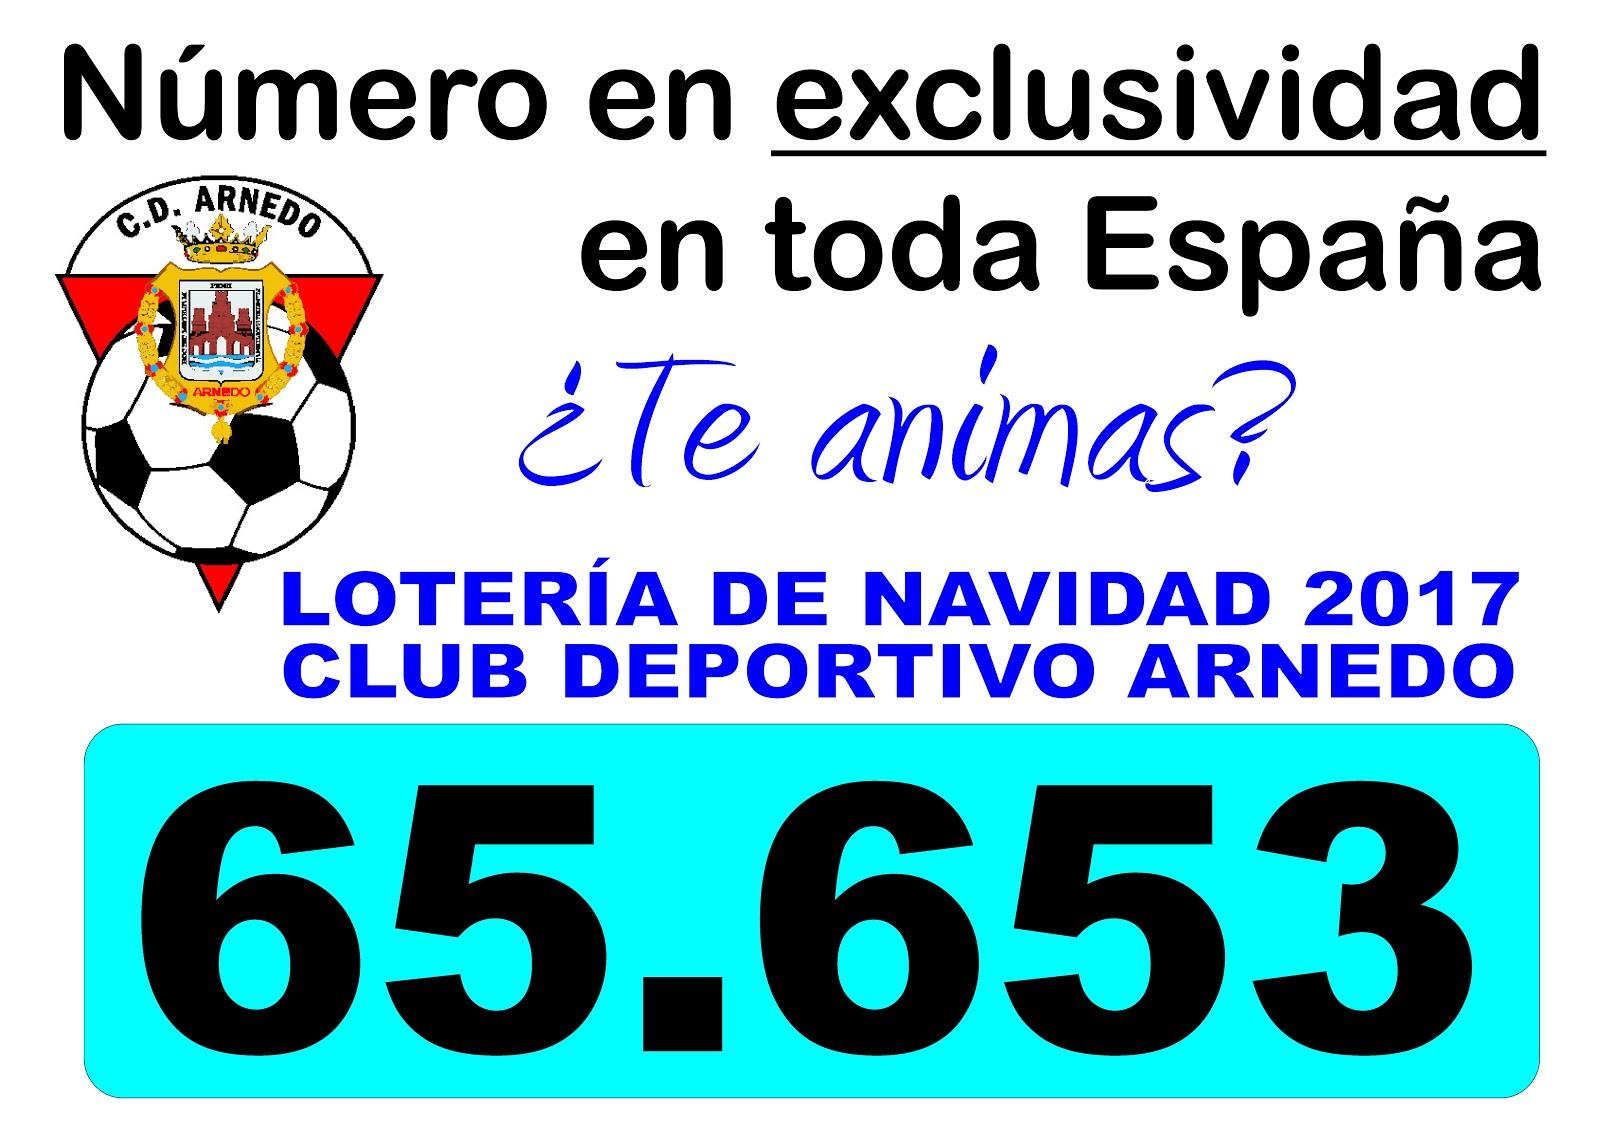 65653. Número Exclusivo en toda España